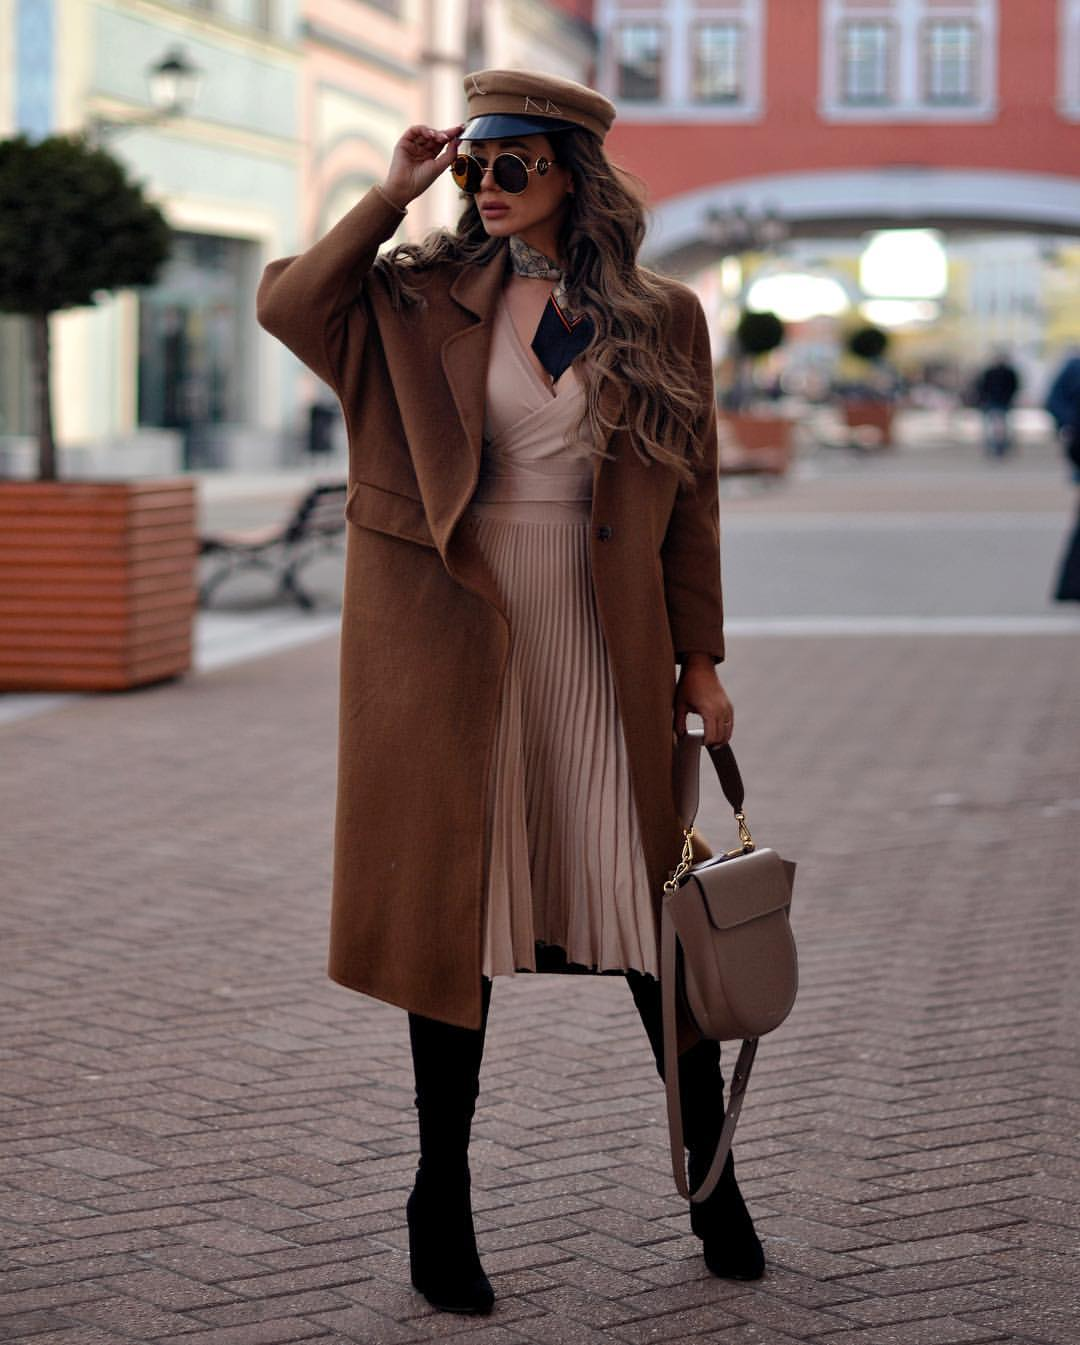 Цвет мокко в одежде: как и с чем носить наряды кофейных оттенков этой осенью фото 7